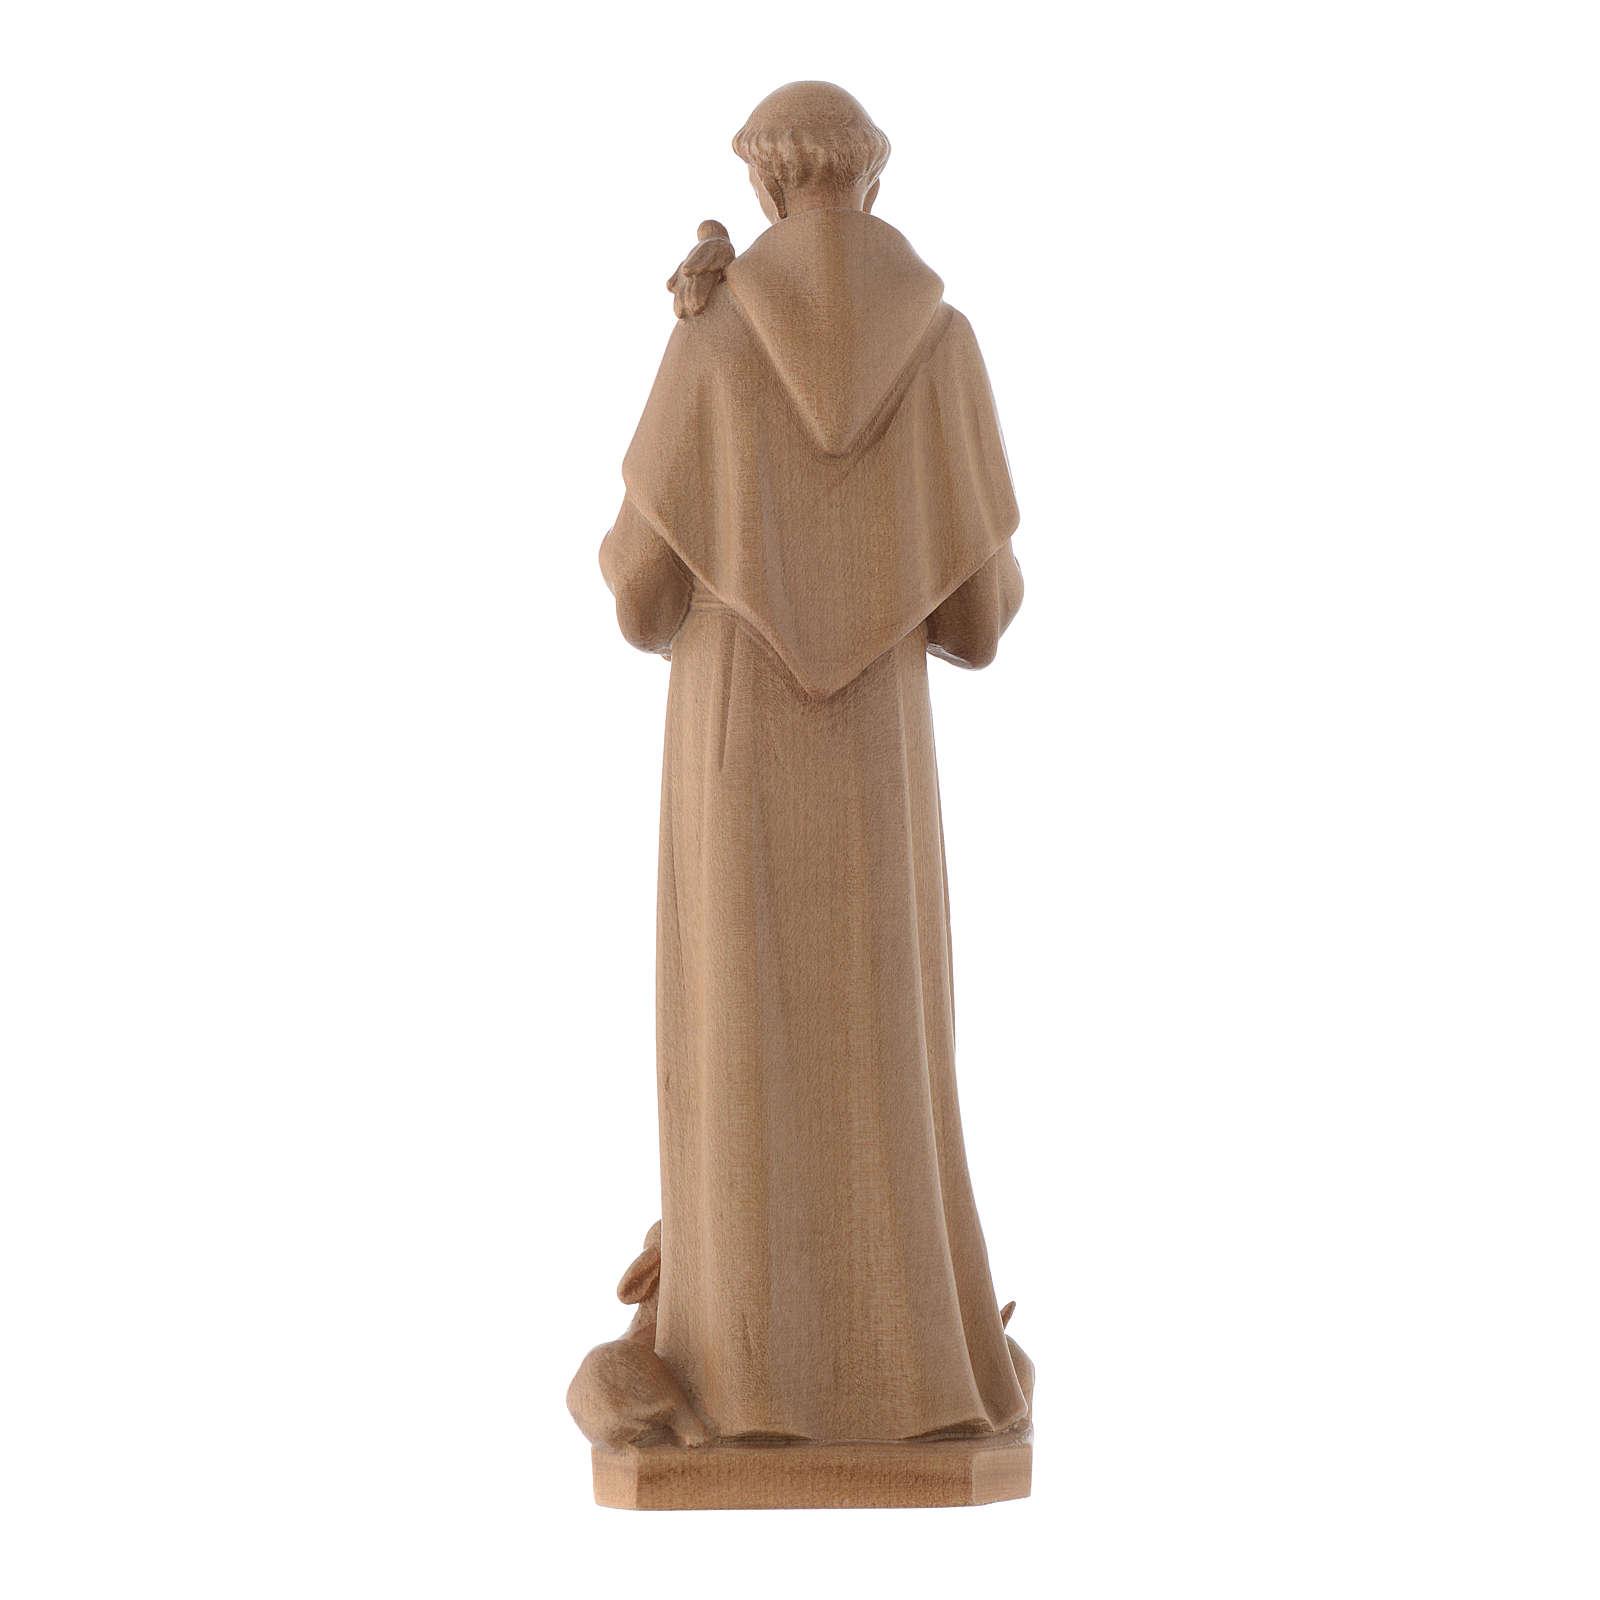 Estatua de San Francisco de Asís de madera patinada de la Val Gardena 4